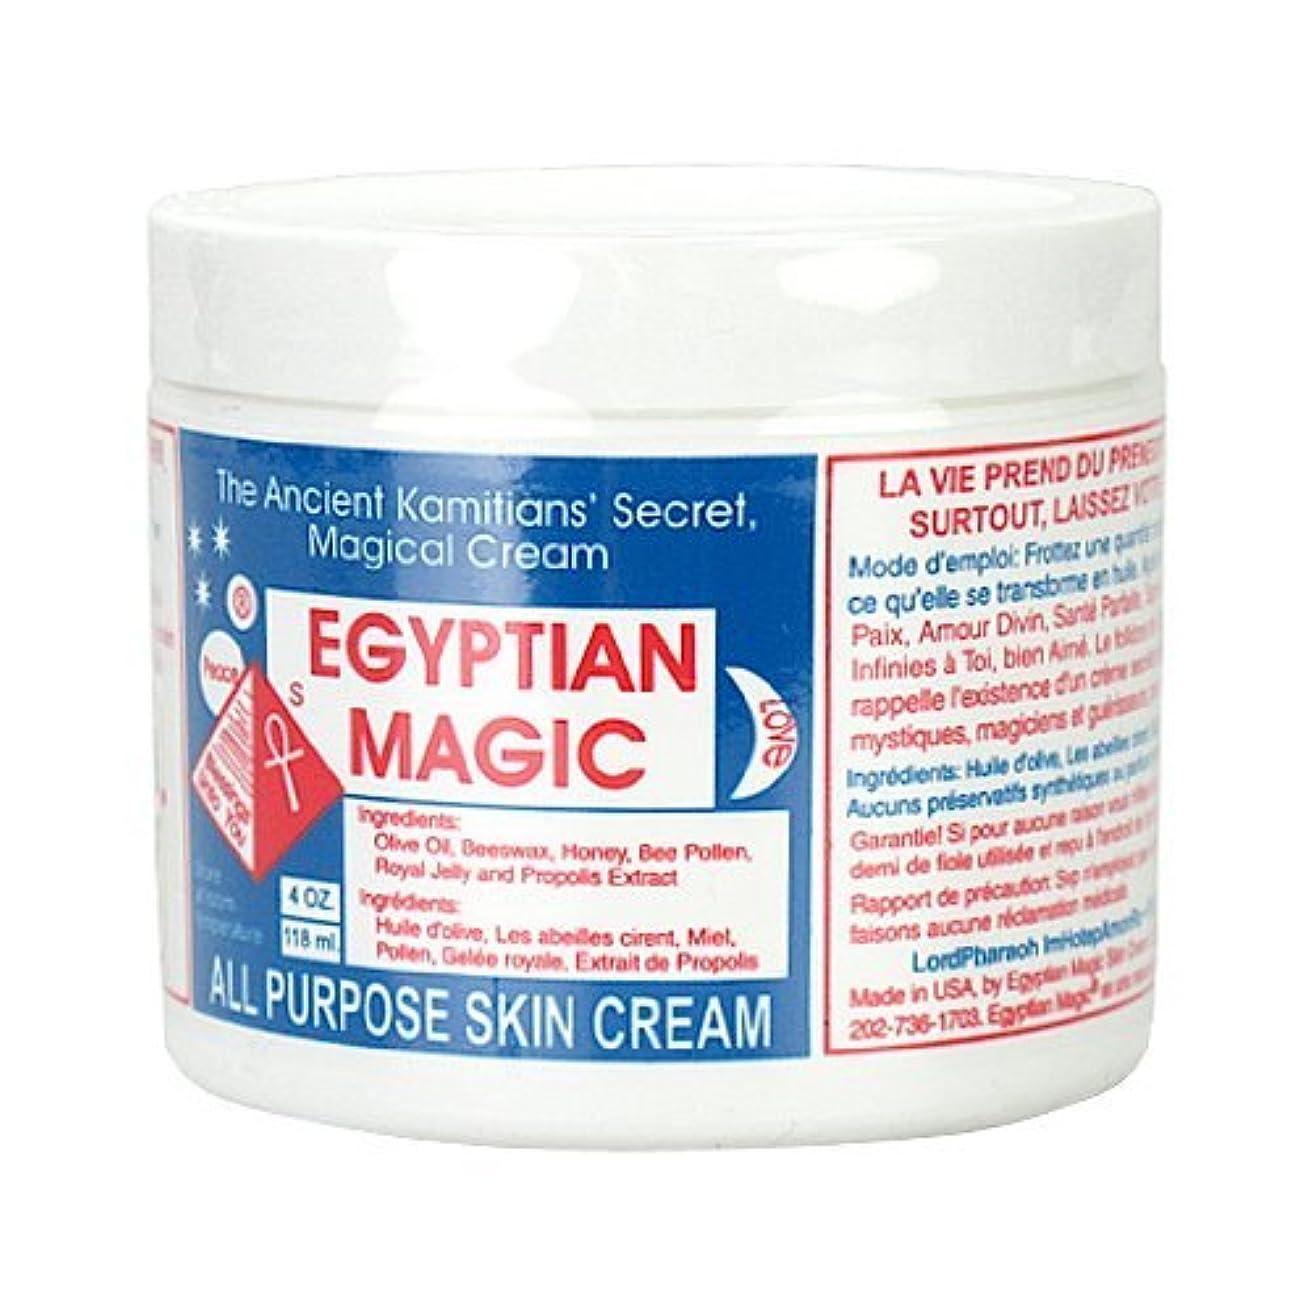 闘争因子ハッピーエジプシャンマジック EGYPTIAN MAGIC エジプシャン マジック クリーム 118ml 保湿クリーム